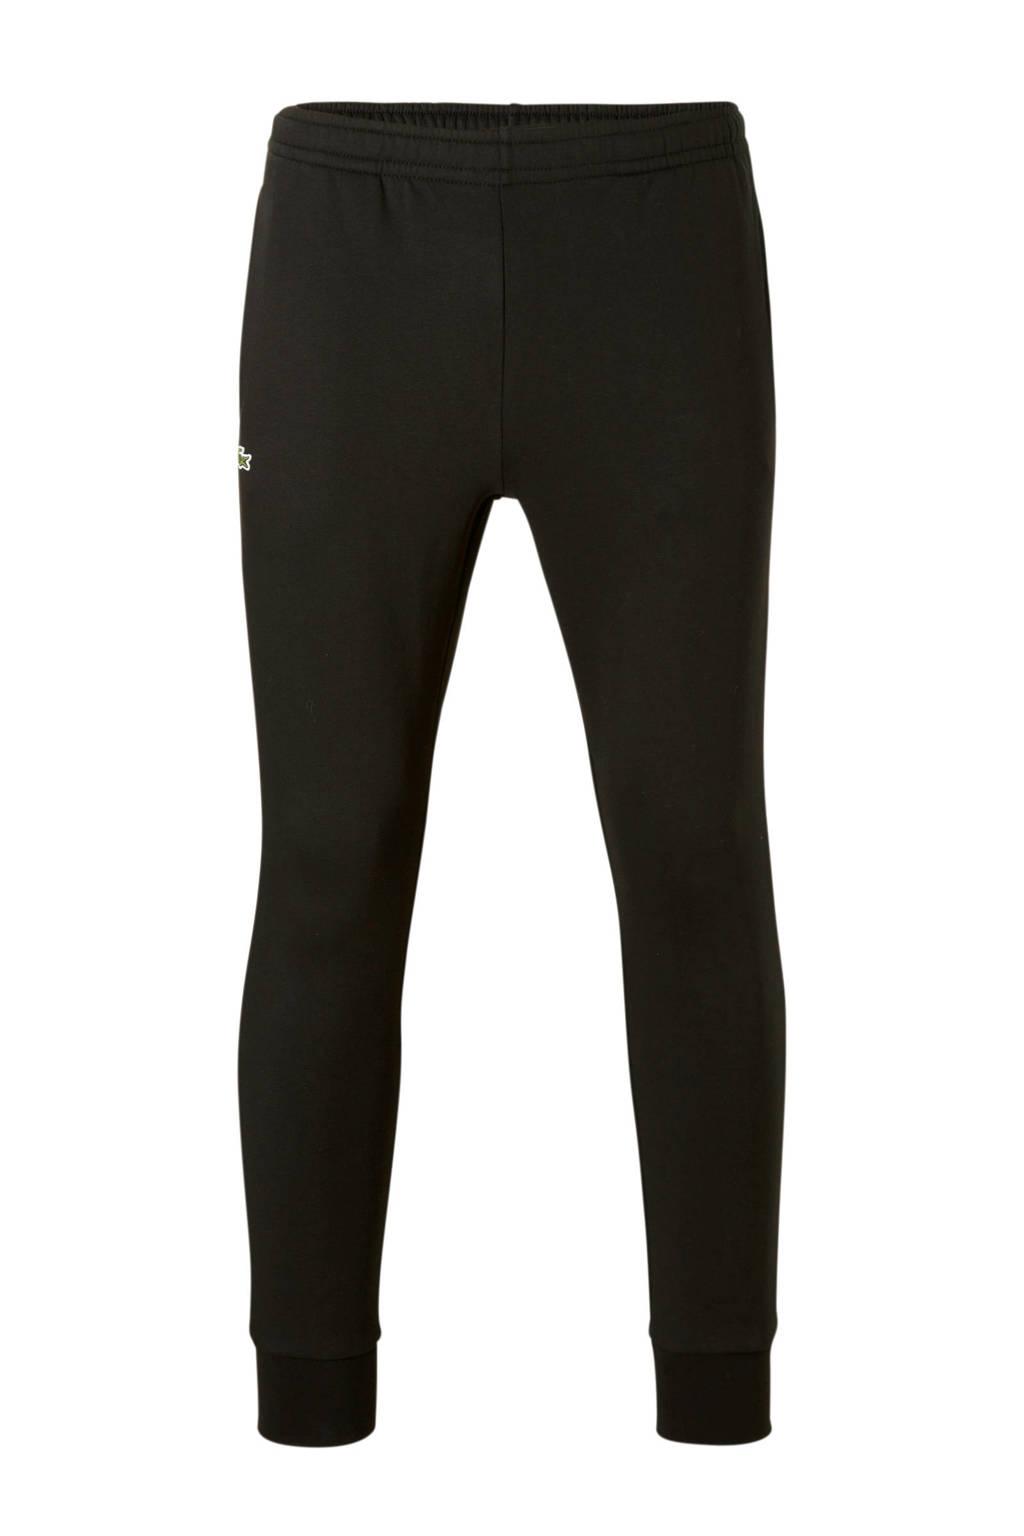 Lacoste joggingbroek zwart, Zwart